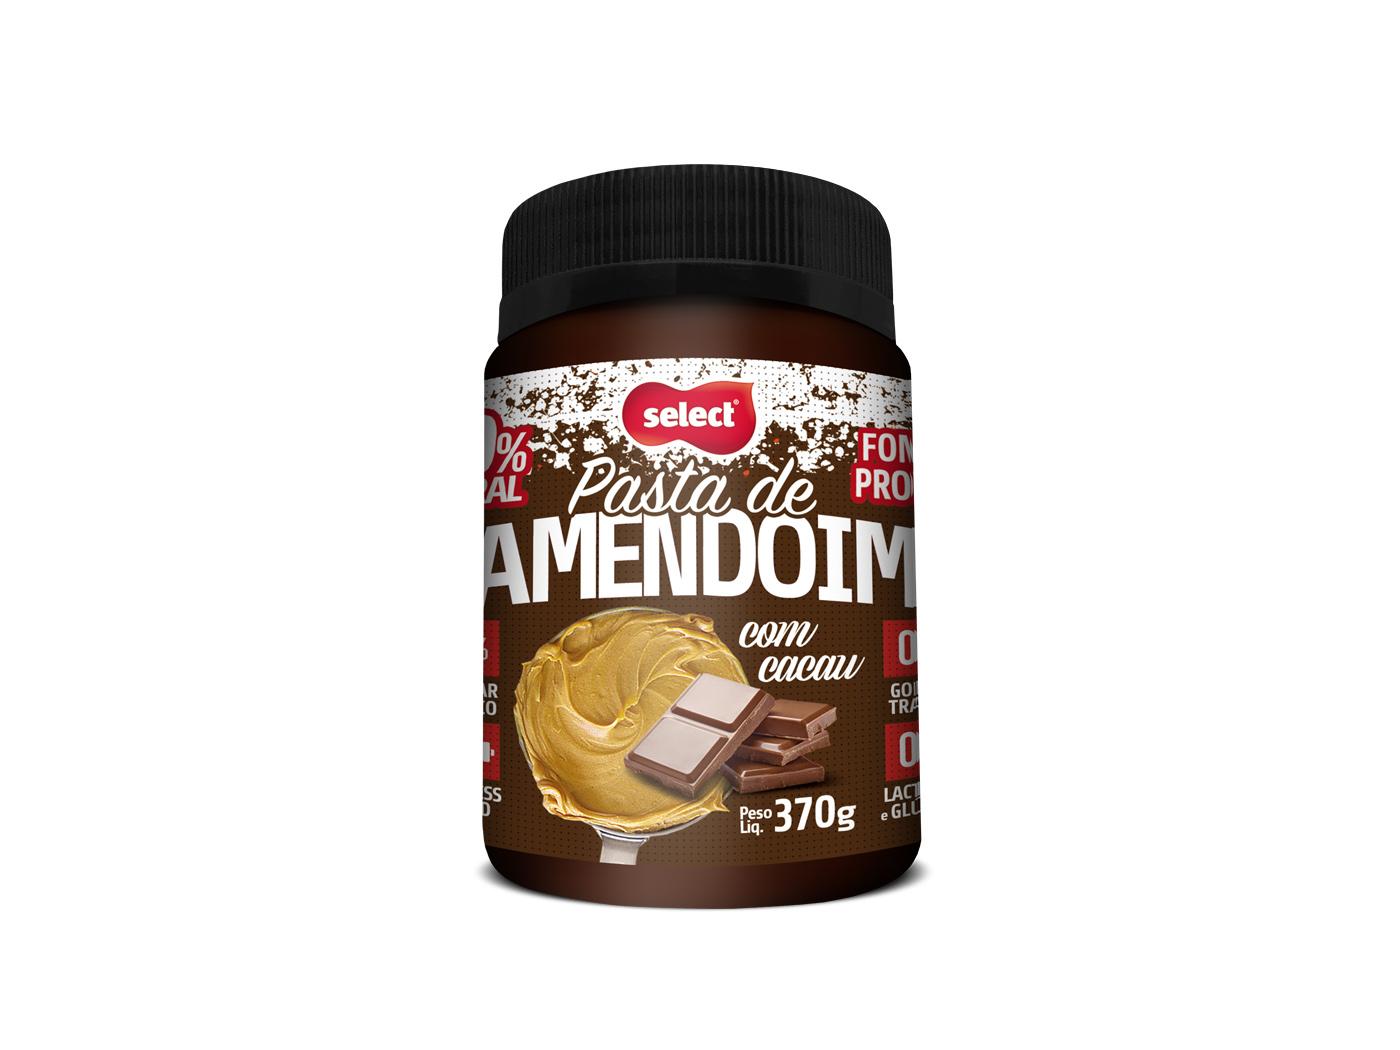 pasta de amendoim com cacau select